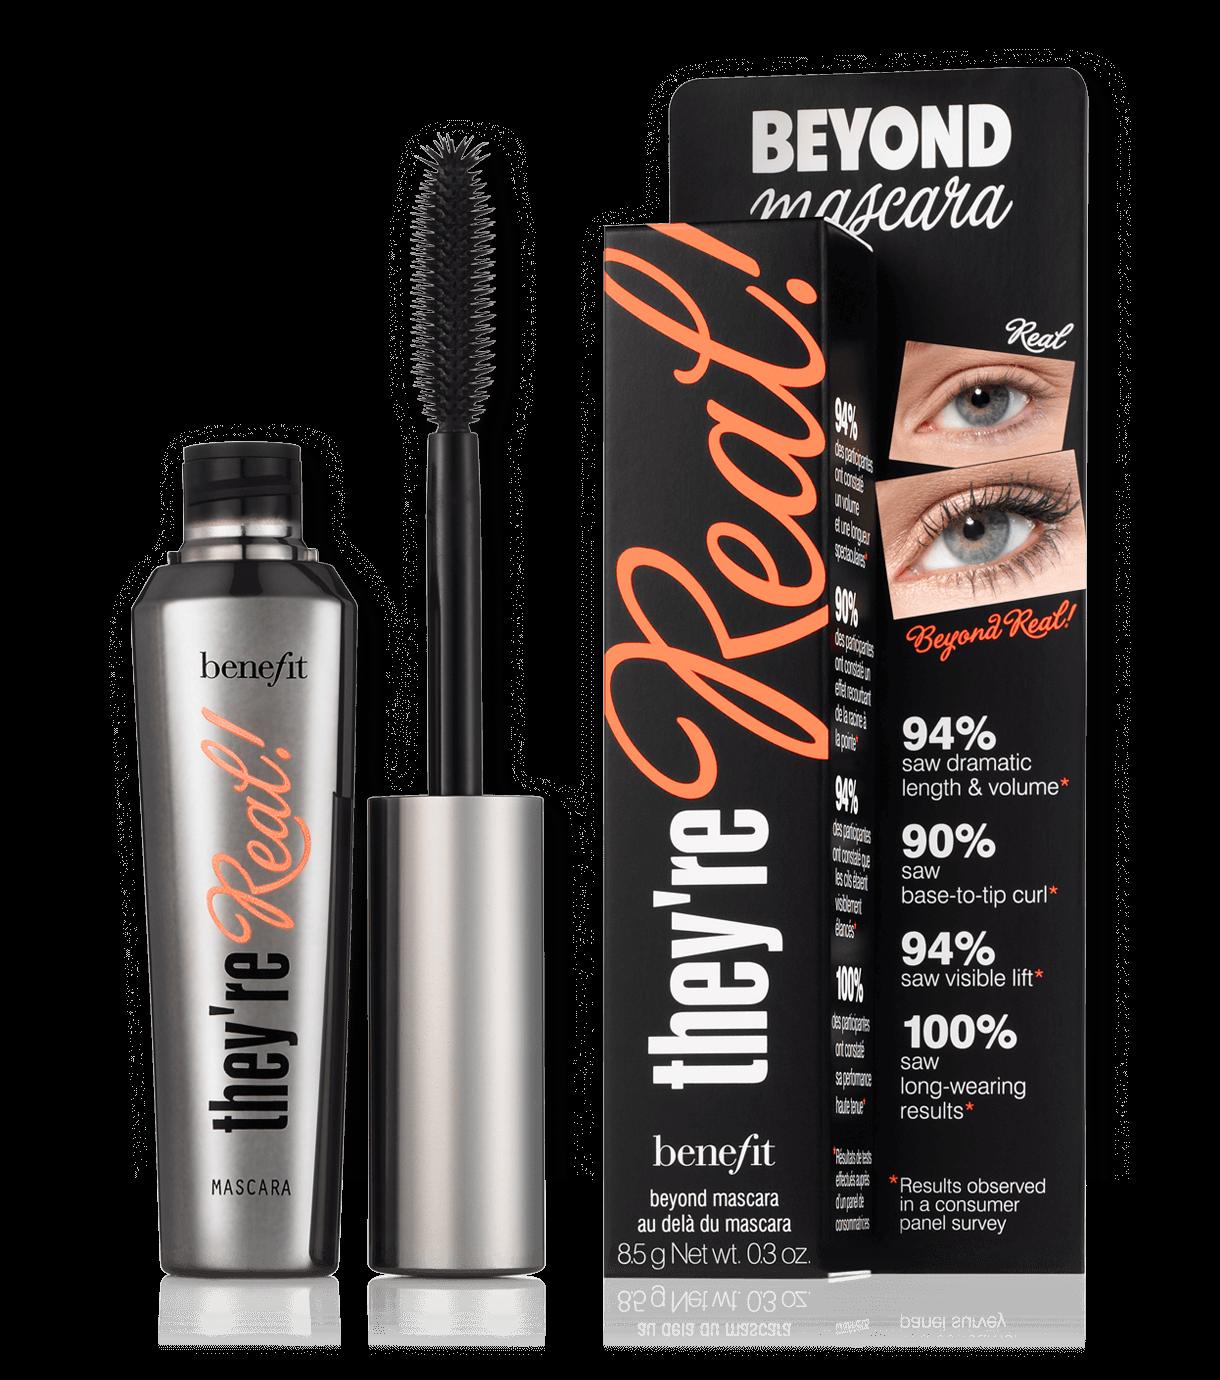 benefit beyond mascara